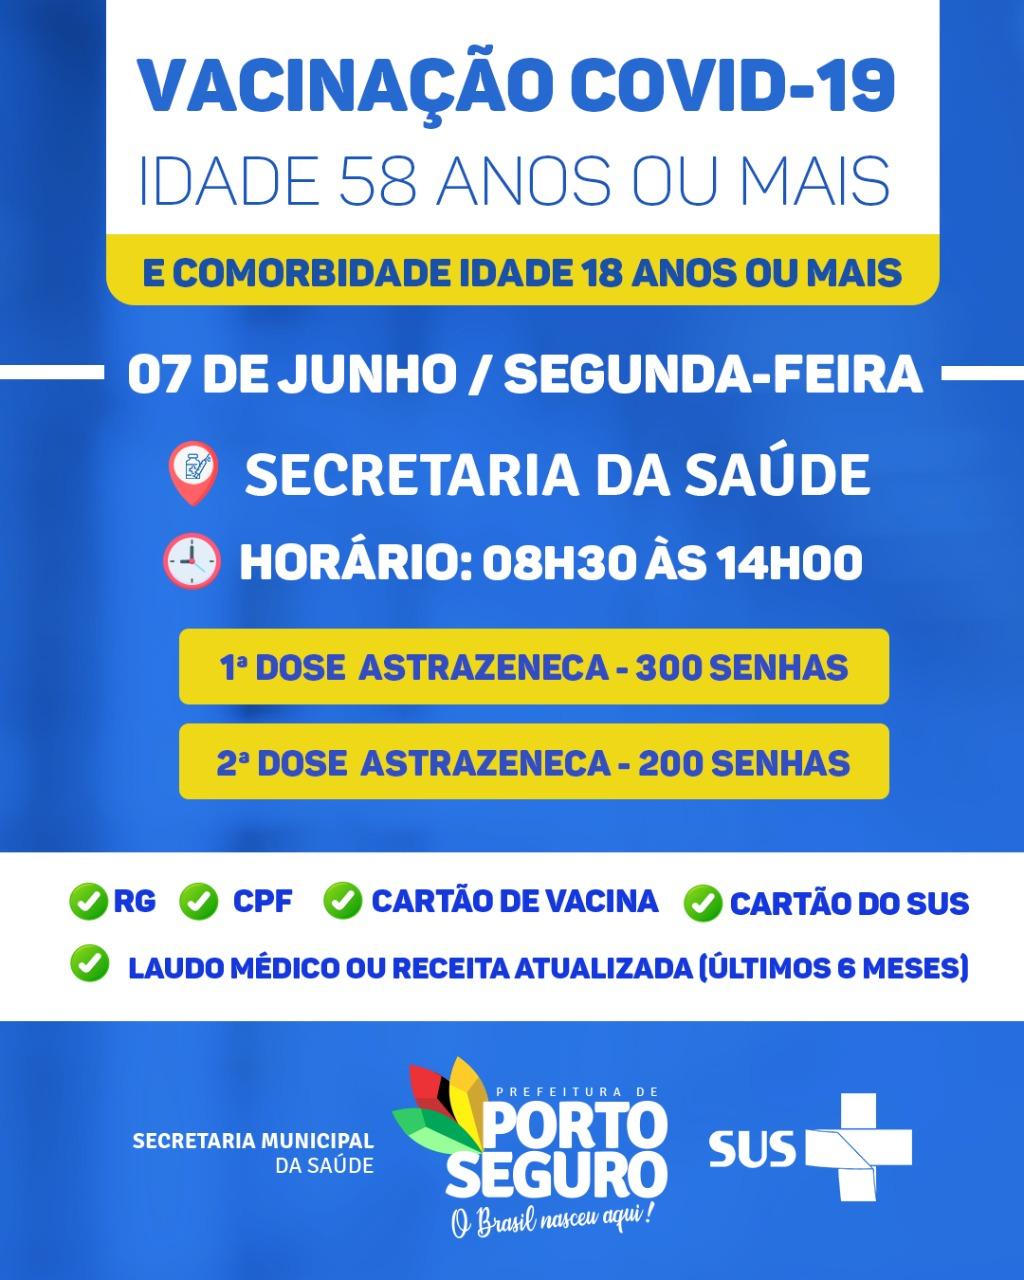 PORTO SEGURO: Vacinação contra Covid-19 18